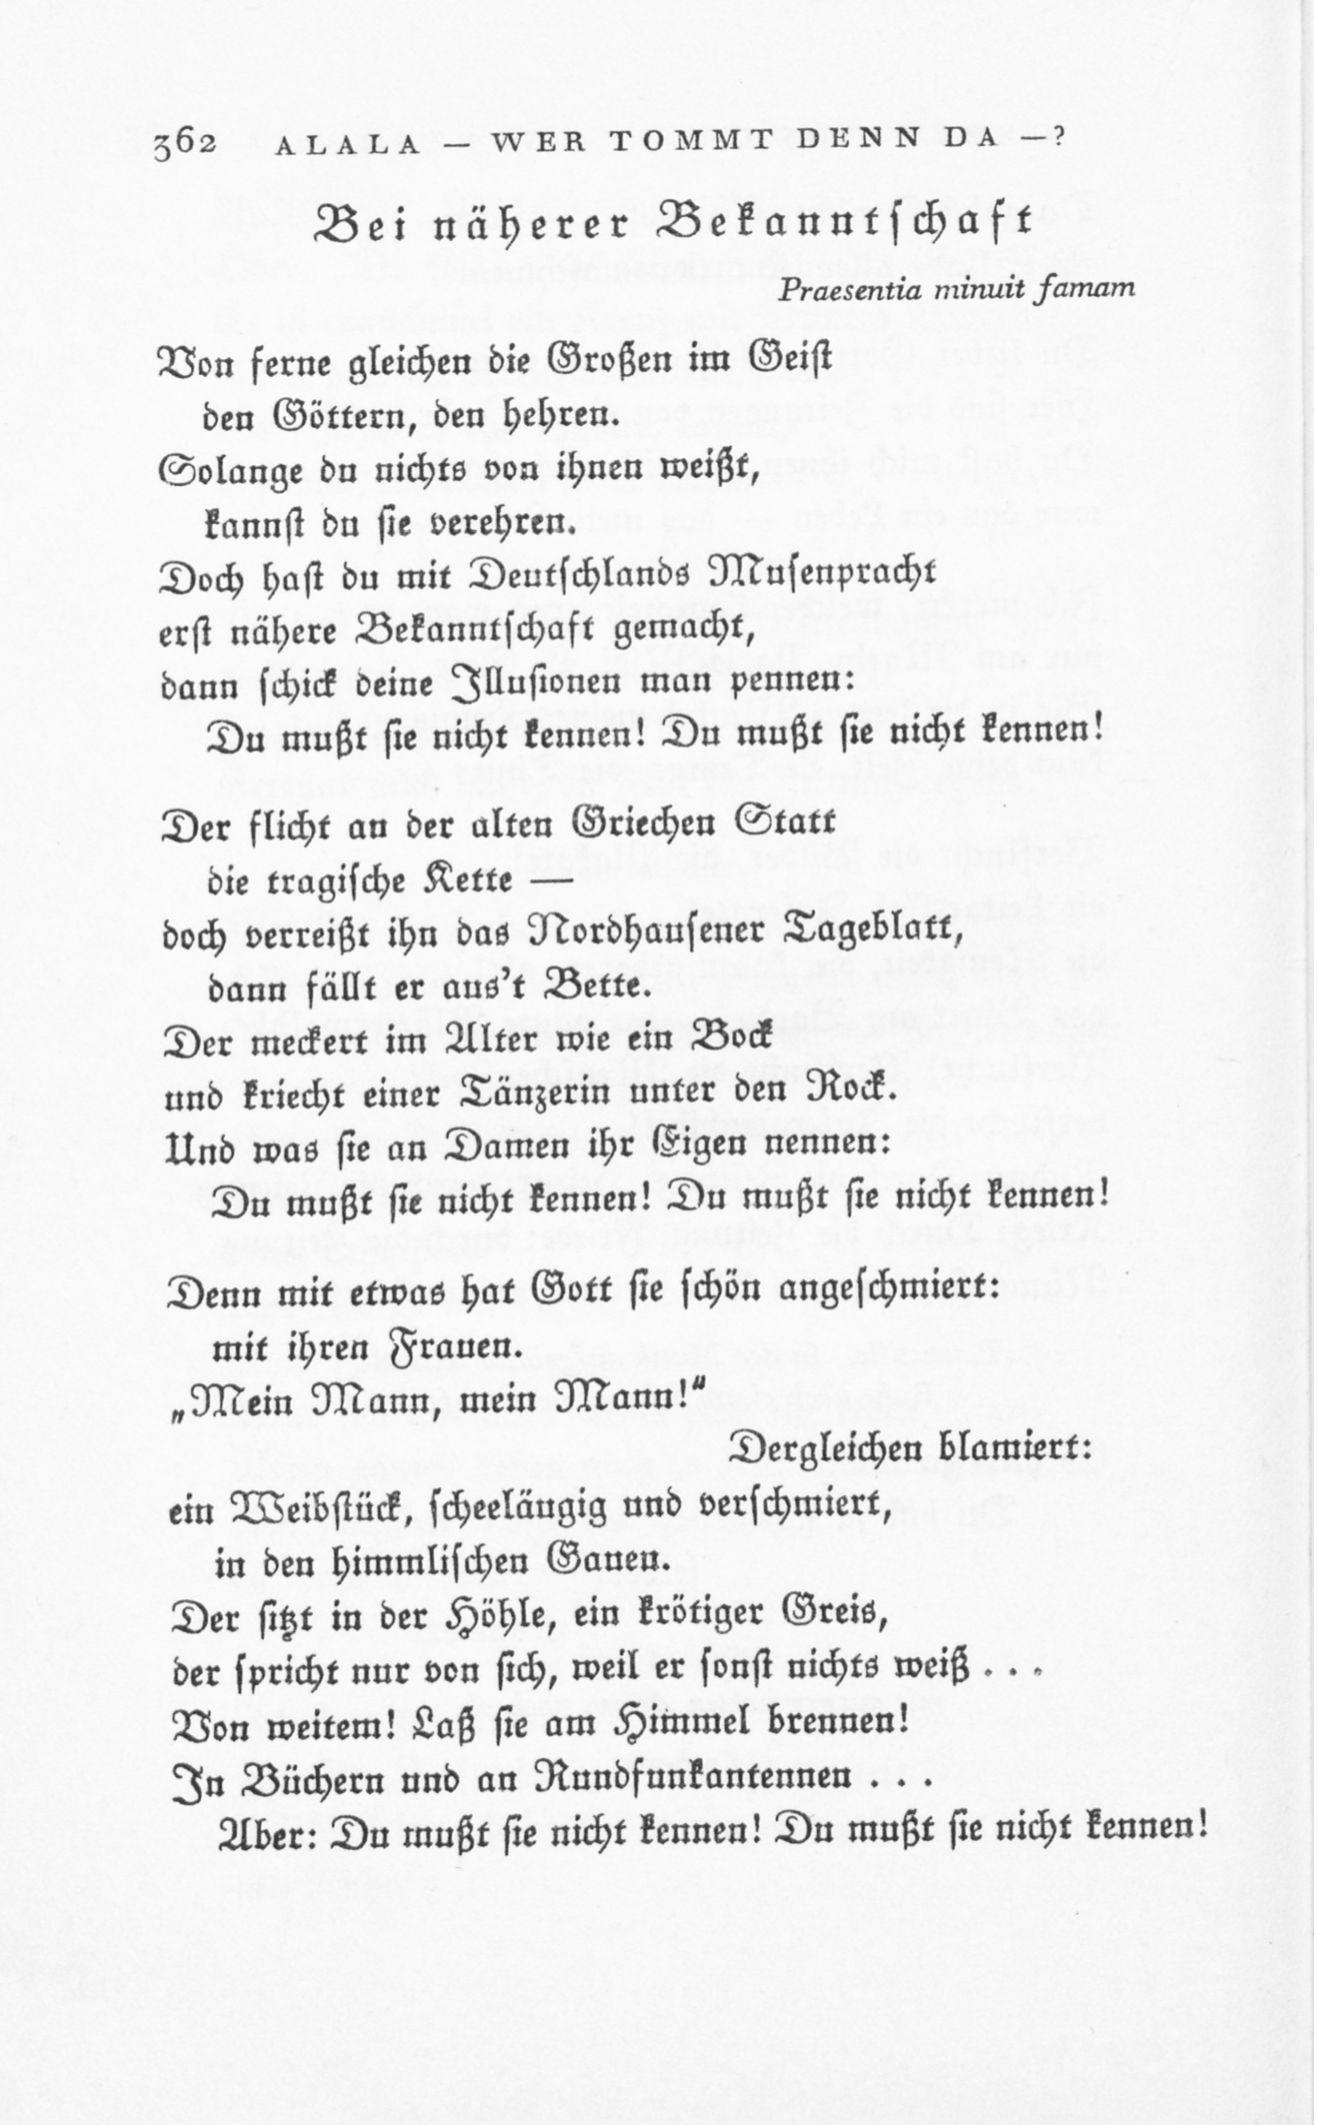 pity, that Flirten Krauschwitz excellent answer, gallantly